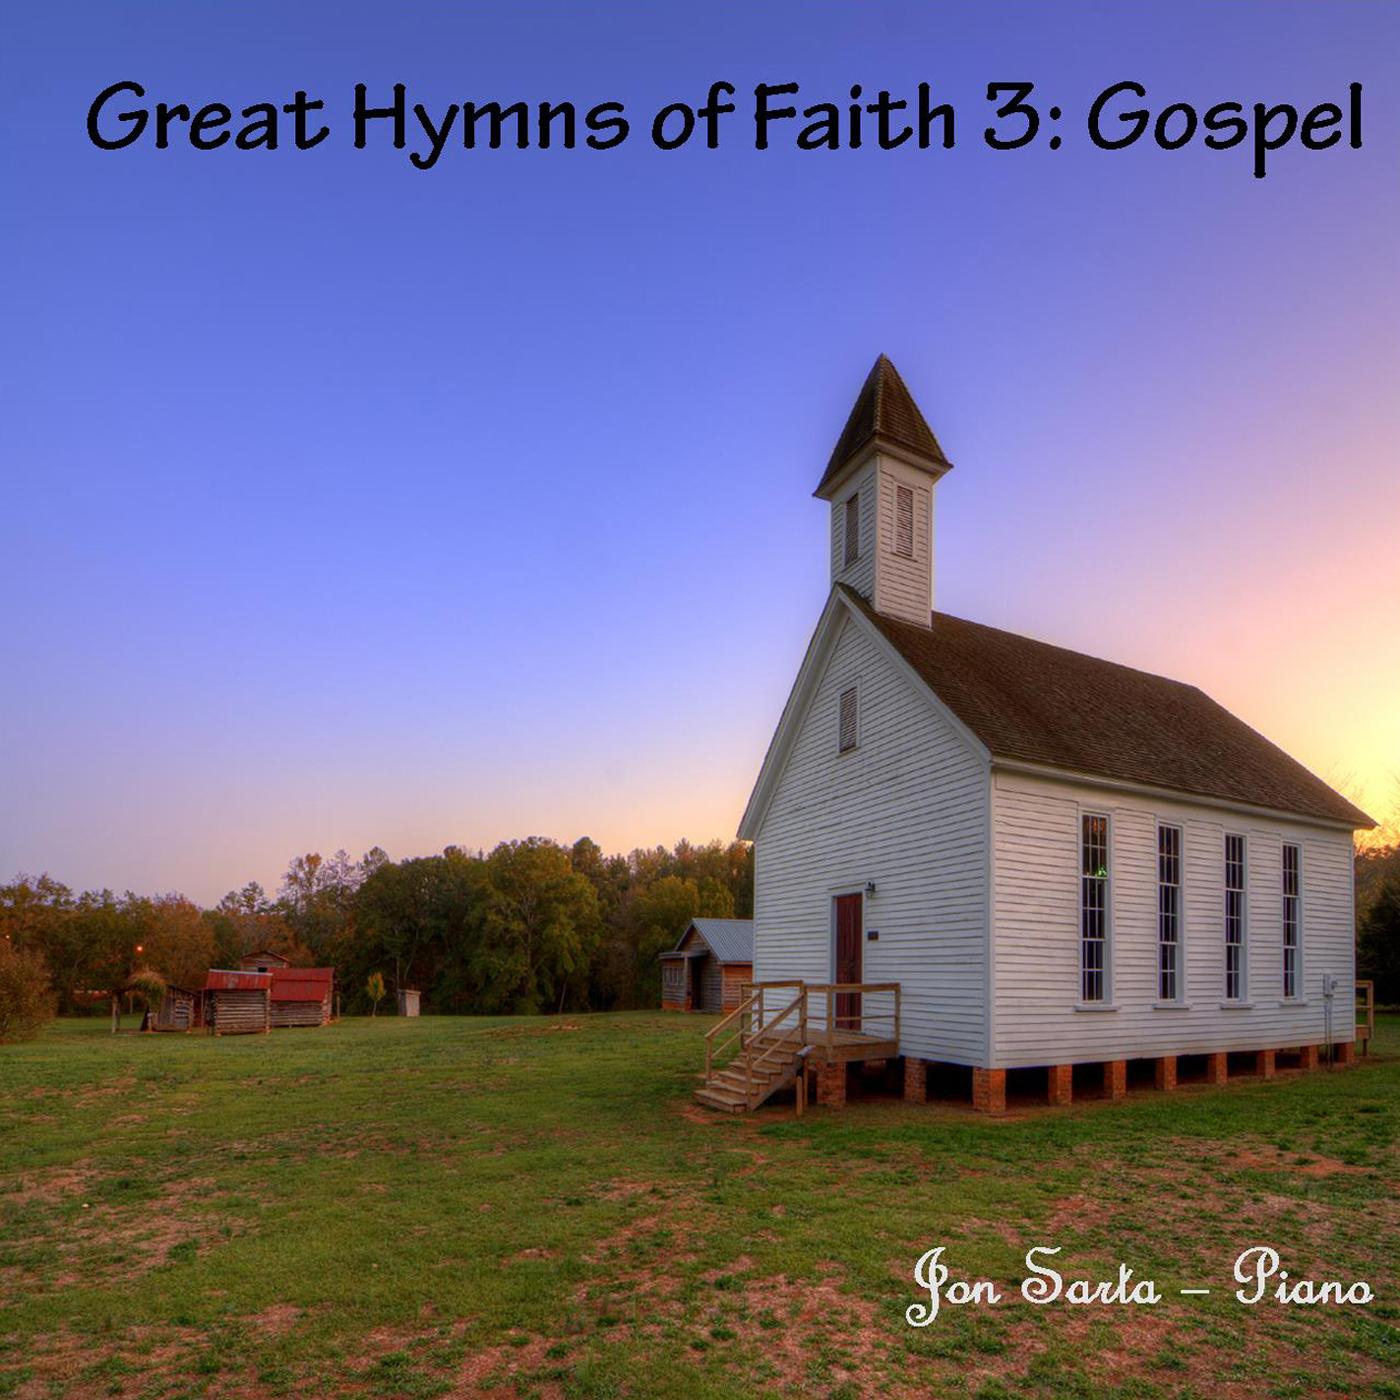 Great Hymns of Faith 3: Gospel CD